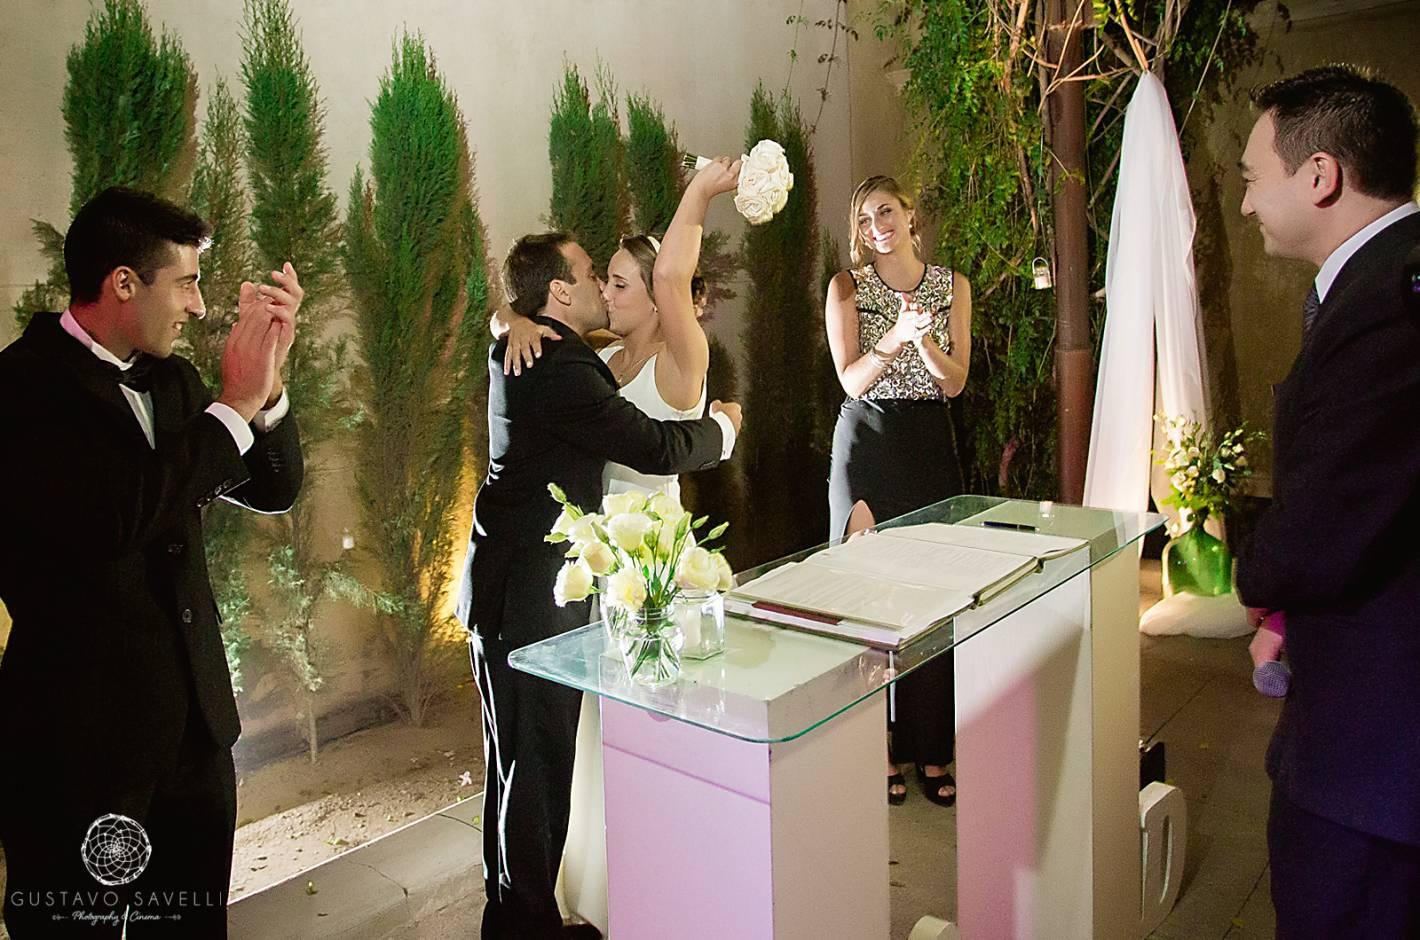 Matrimonio Registro Civil : Felicidad y compromiso en matrimonio colectivo organizado por